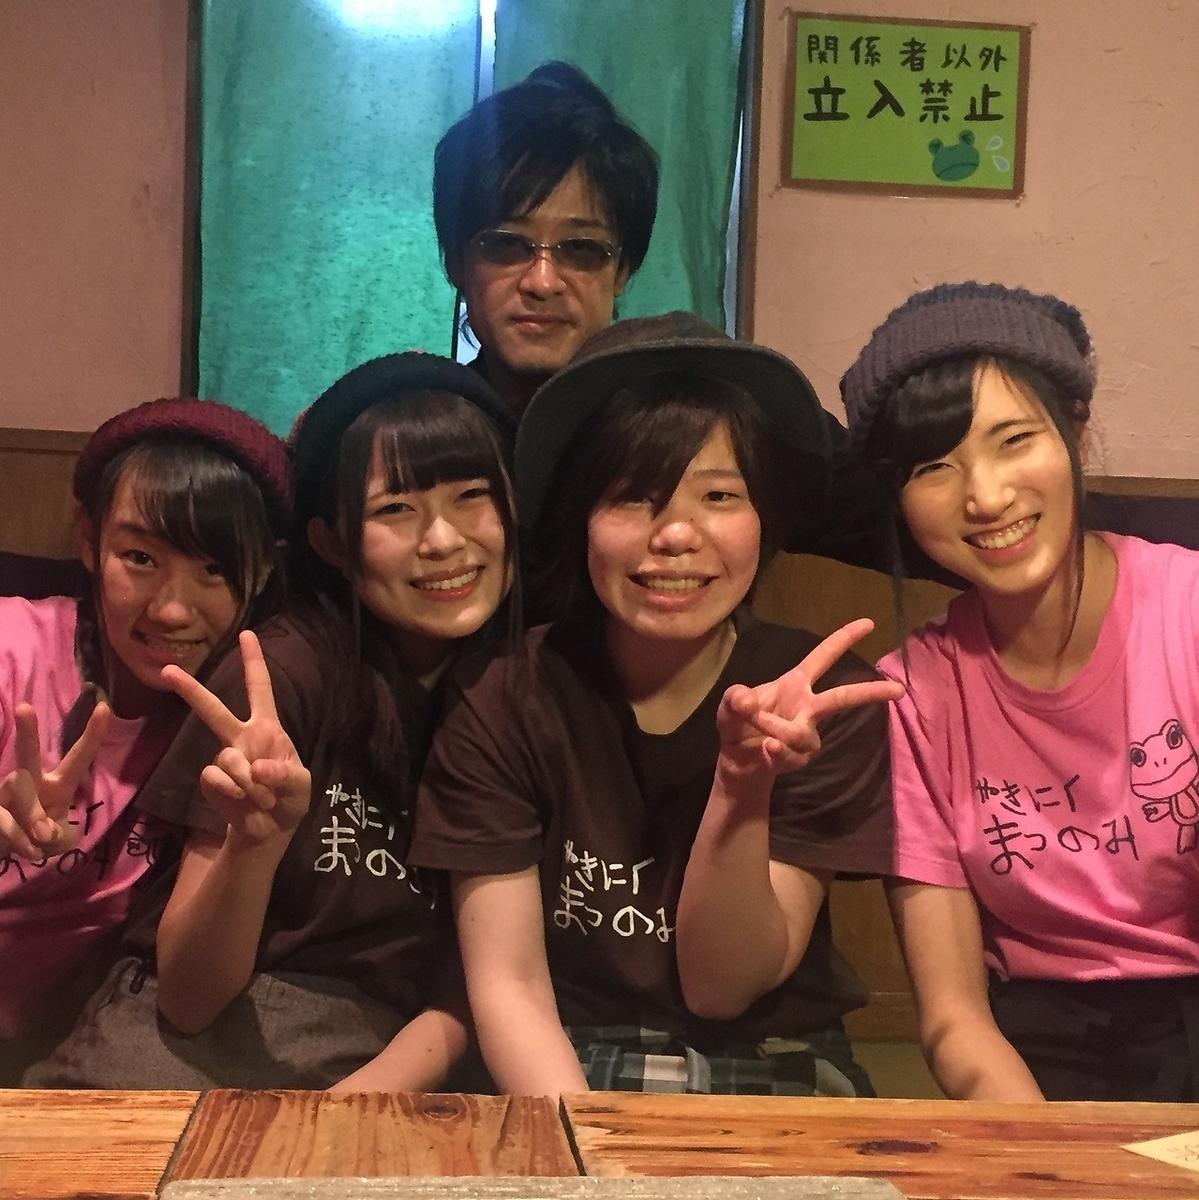 媽祖只有Shunko商店優惠很棒!